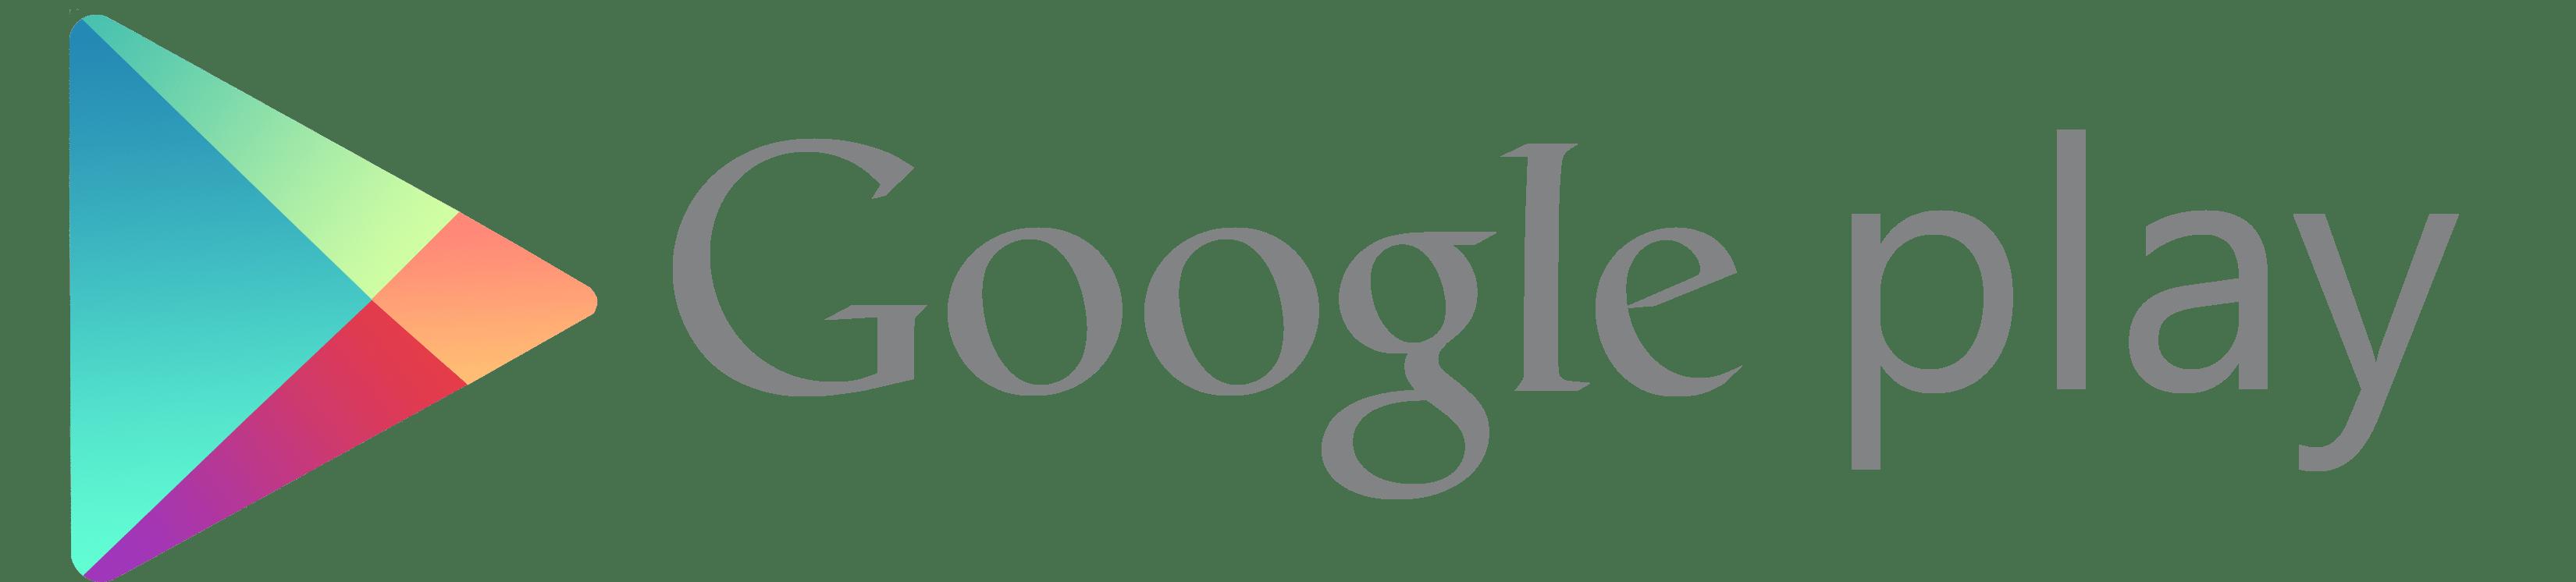 google_play_logo_by_silviu_eduard-d4s7k51